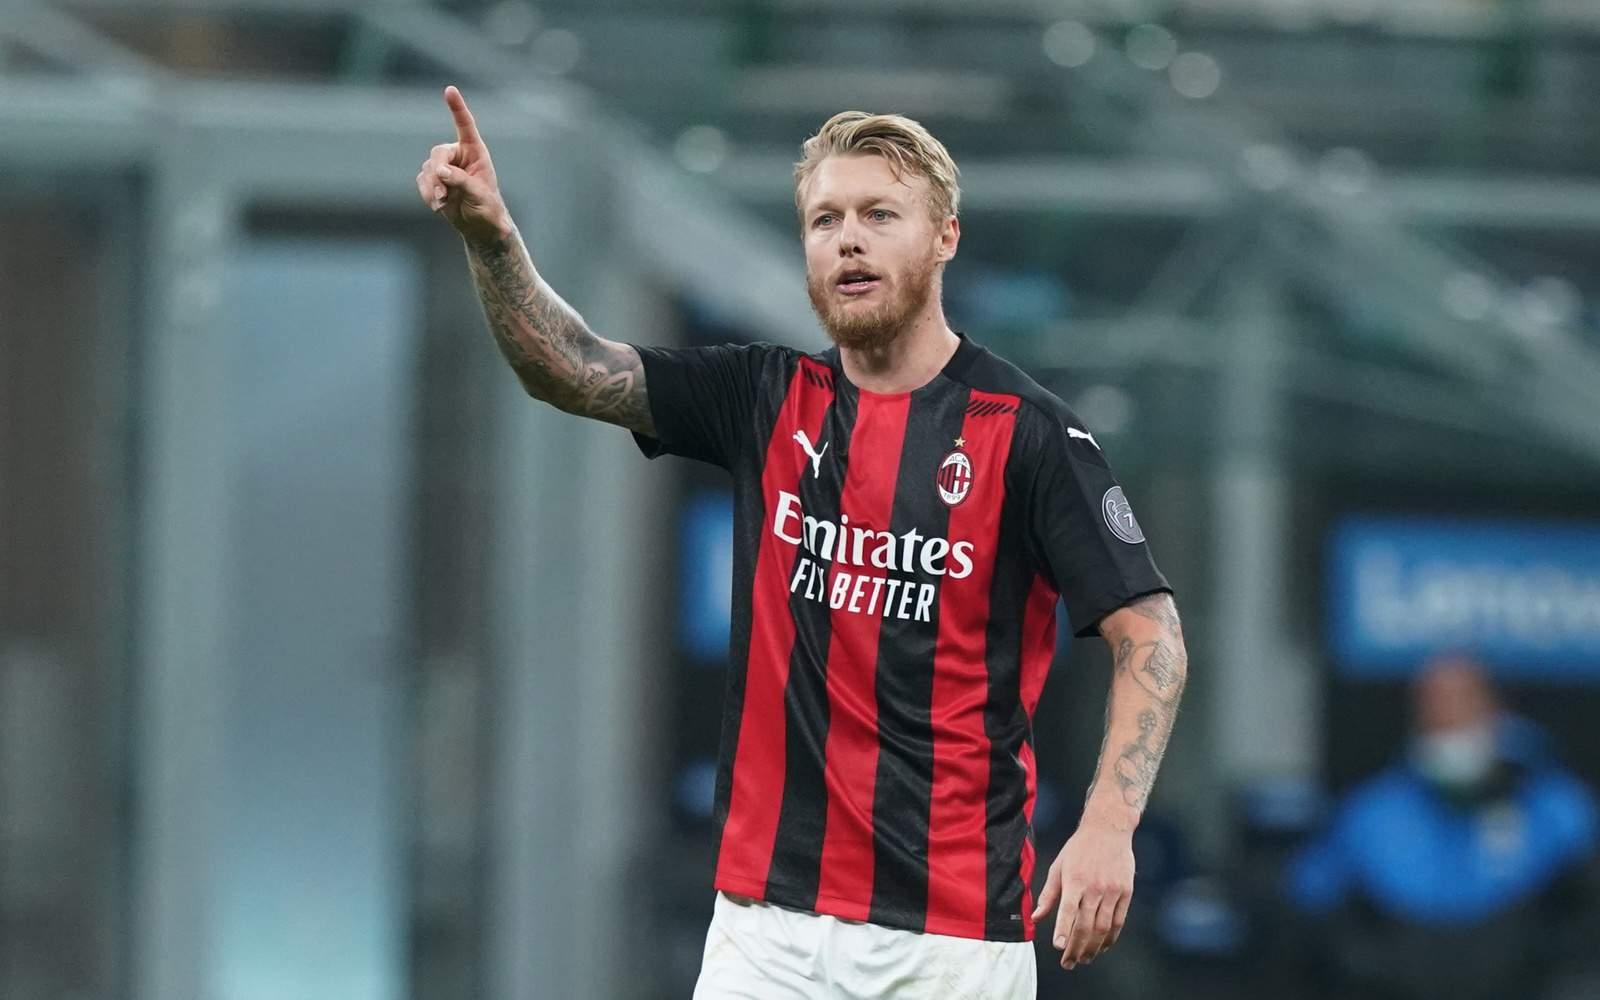 Кьяер: «В «Милане» каждый чувствует присутствие Ибрагимовича»